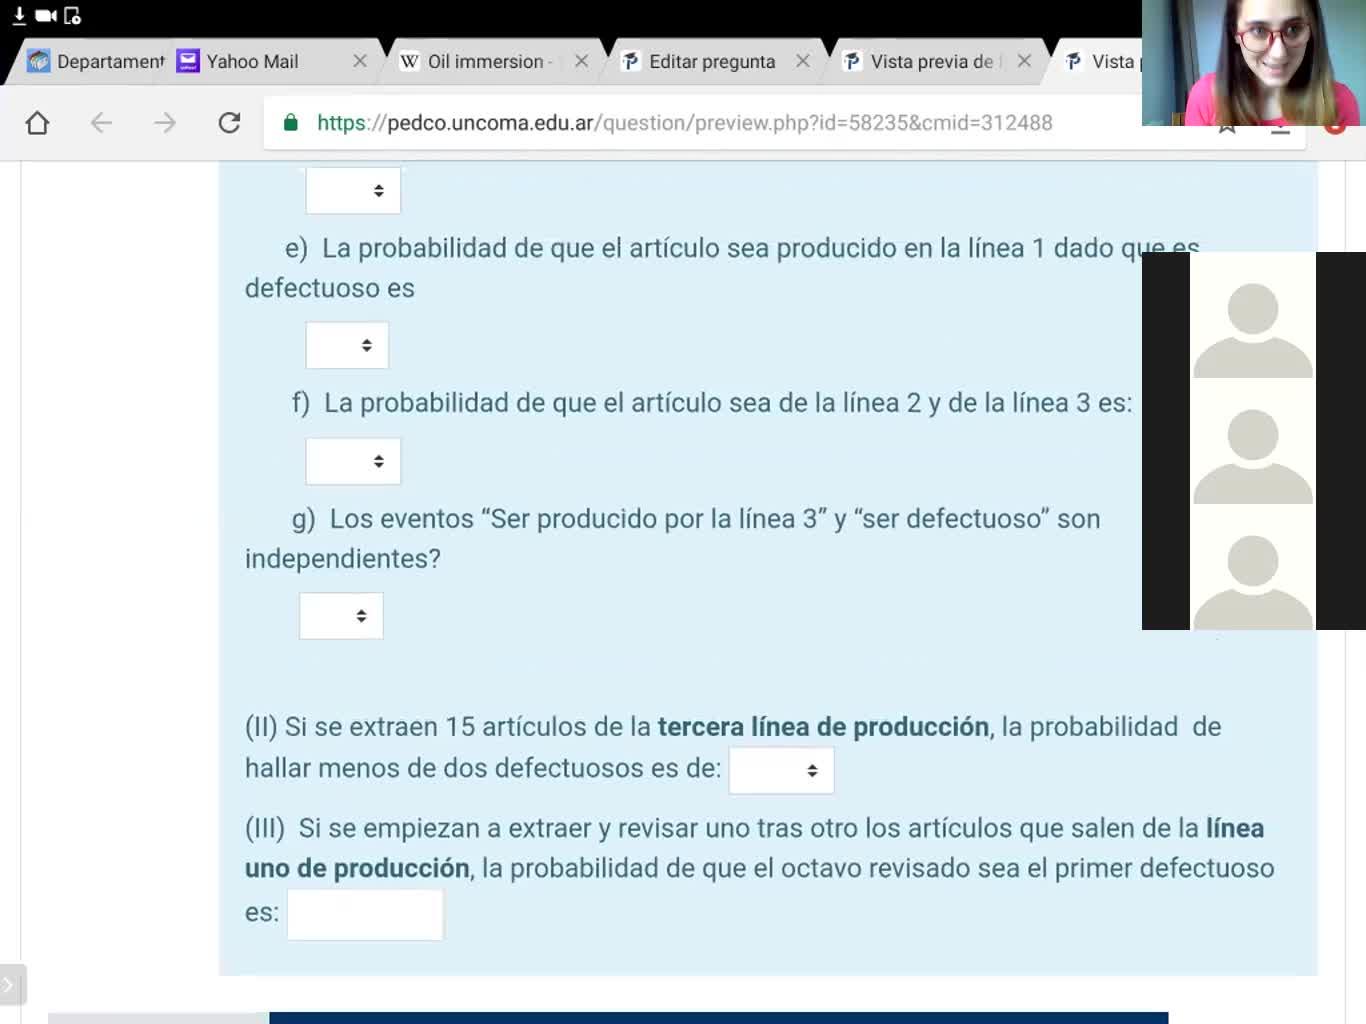 Clase de Consulta de Estadística para Recup del 1P de ingeniería - 26/06/2020 - PARTE 1